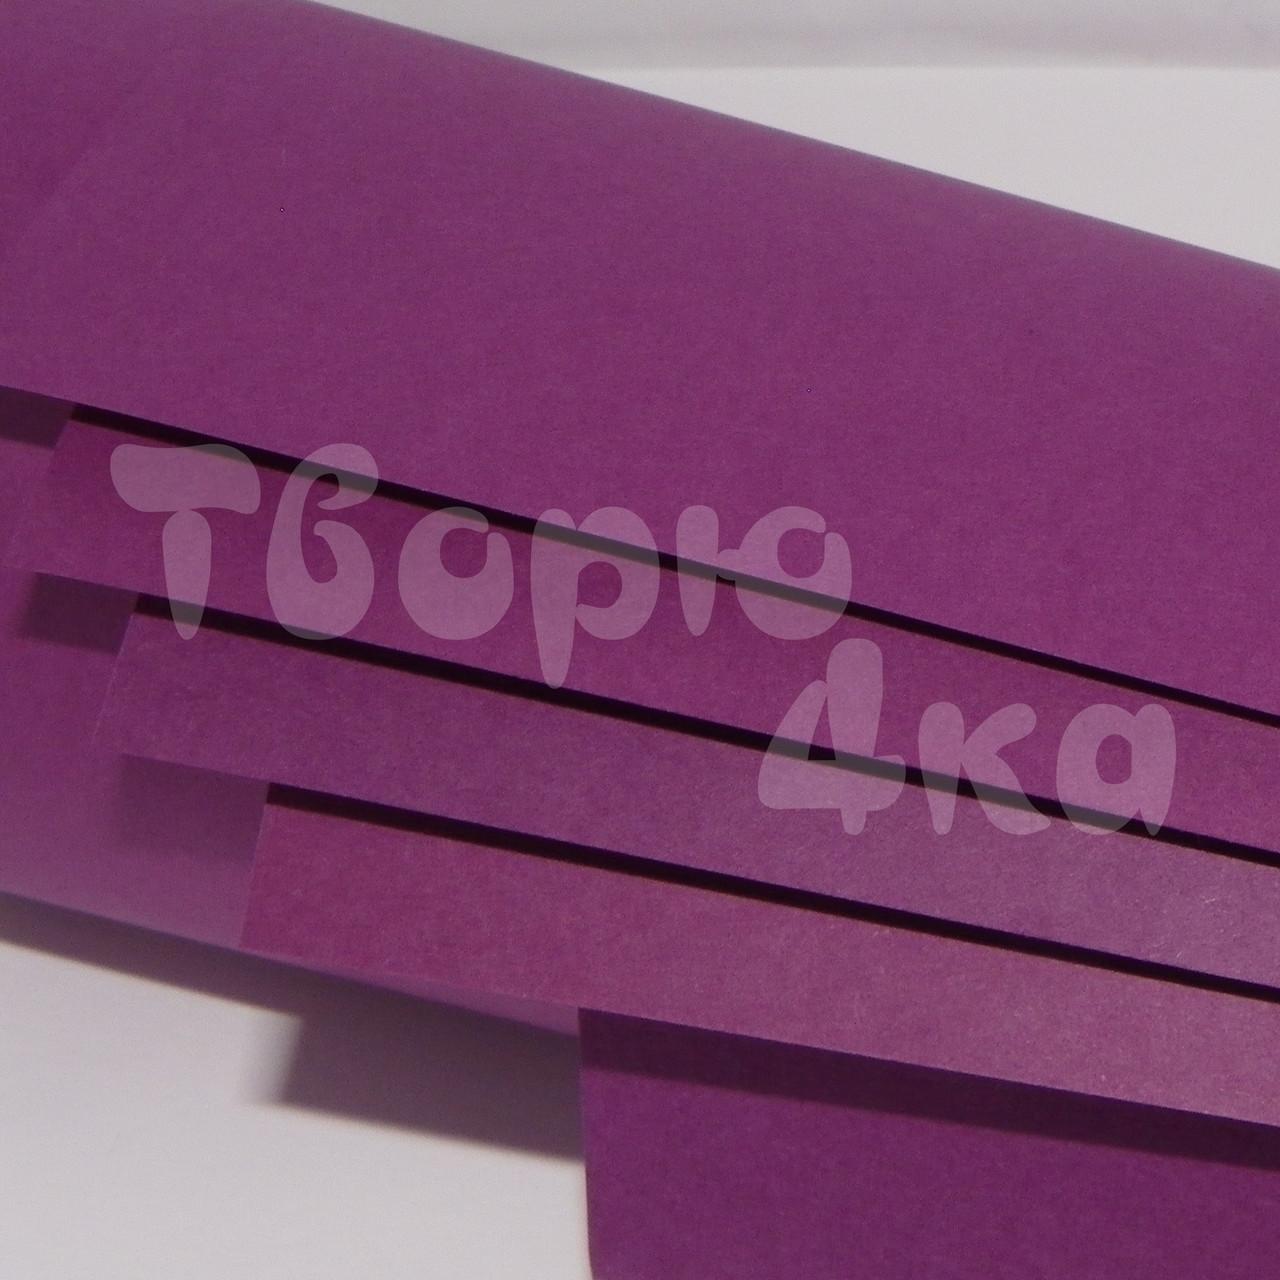 Бумага цветная А4 160 гр/м.кв intense raspberry (сливовый)